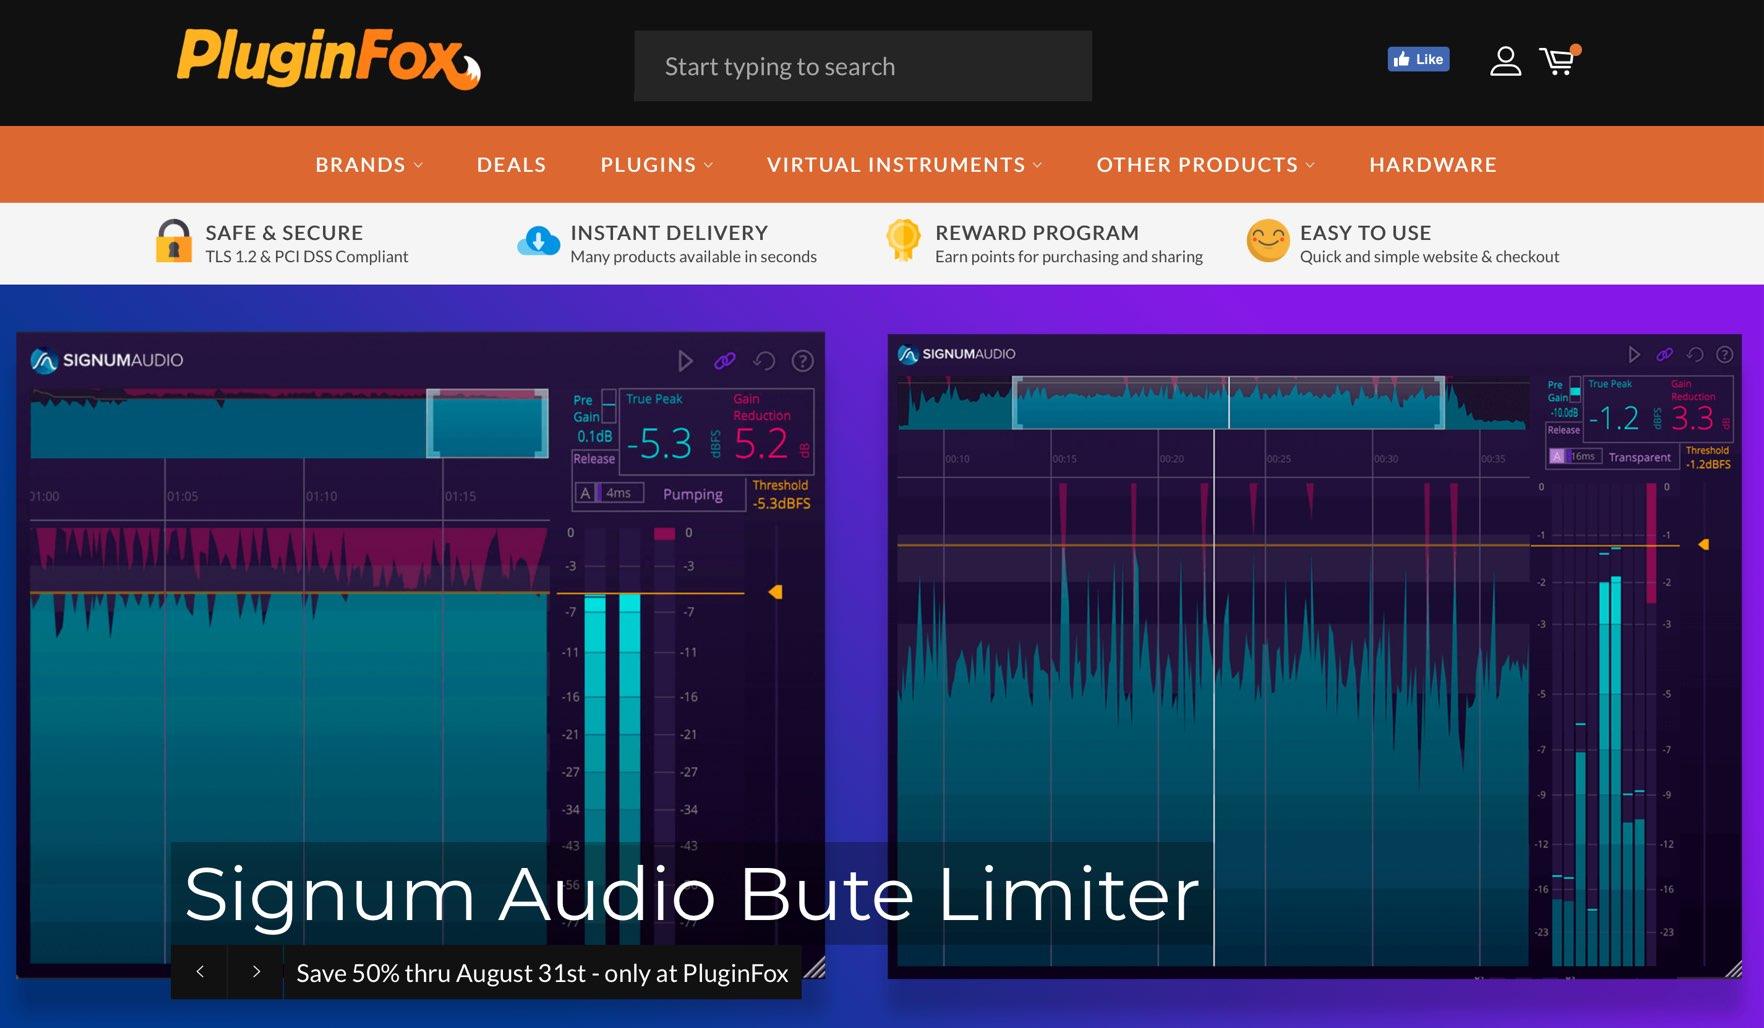 海外DTMプラグイン販売サイト 「PluginFox」のアカウント作成・製品の購入方法